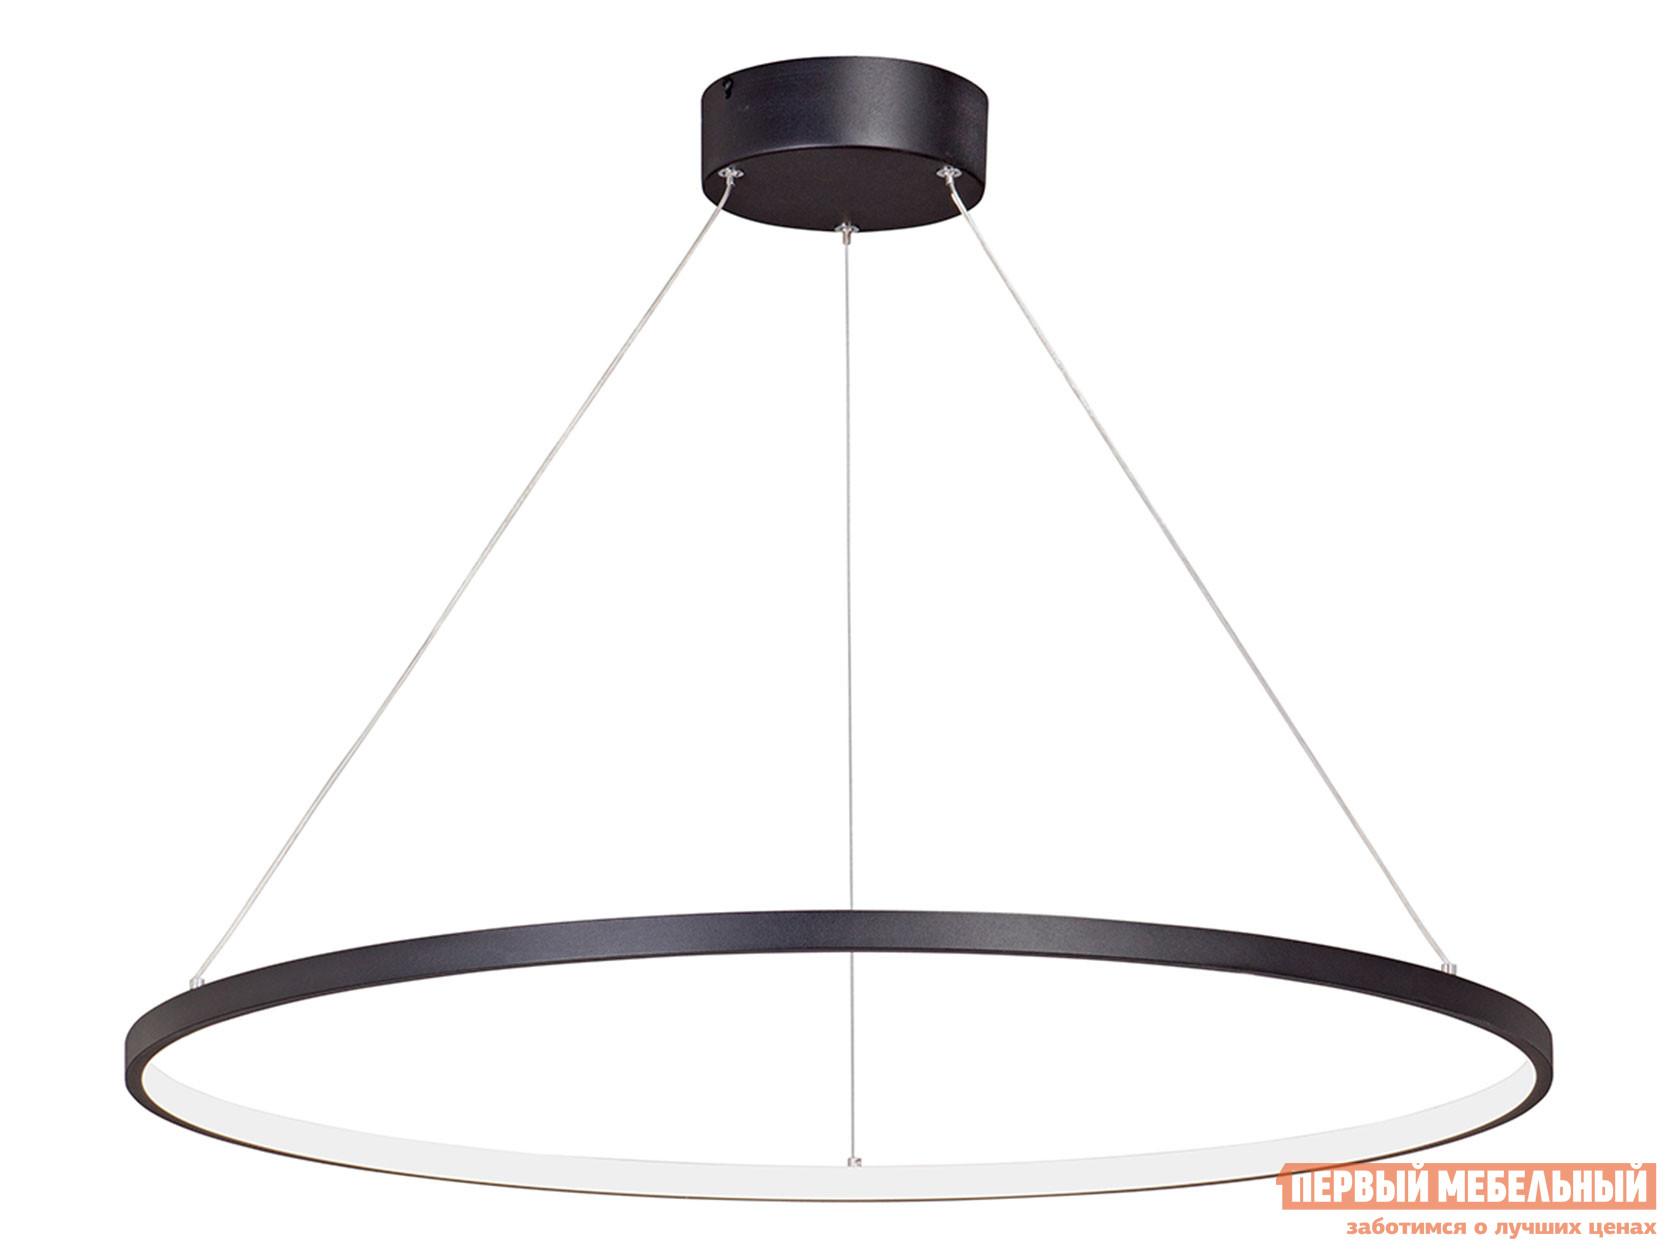 Фото - Подвесной светильник КСК-электро Светодиодный светильник V4601/1S, LED 56Вт, 3900-4200K подвесной светильник кск электро светодиодный светильник v4617 1 2s led 91вт 3900 4200k